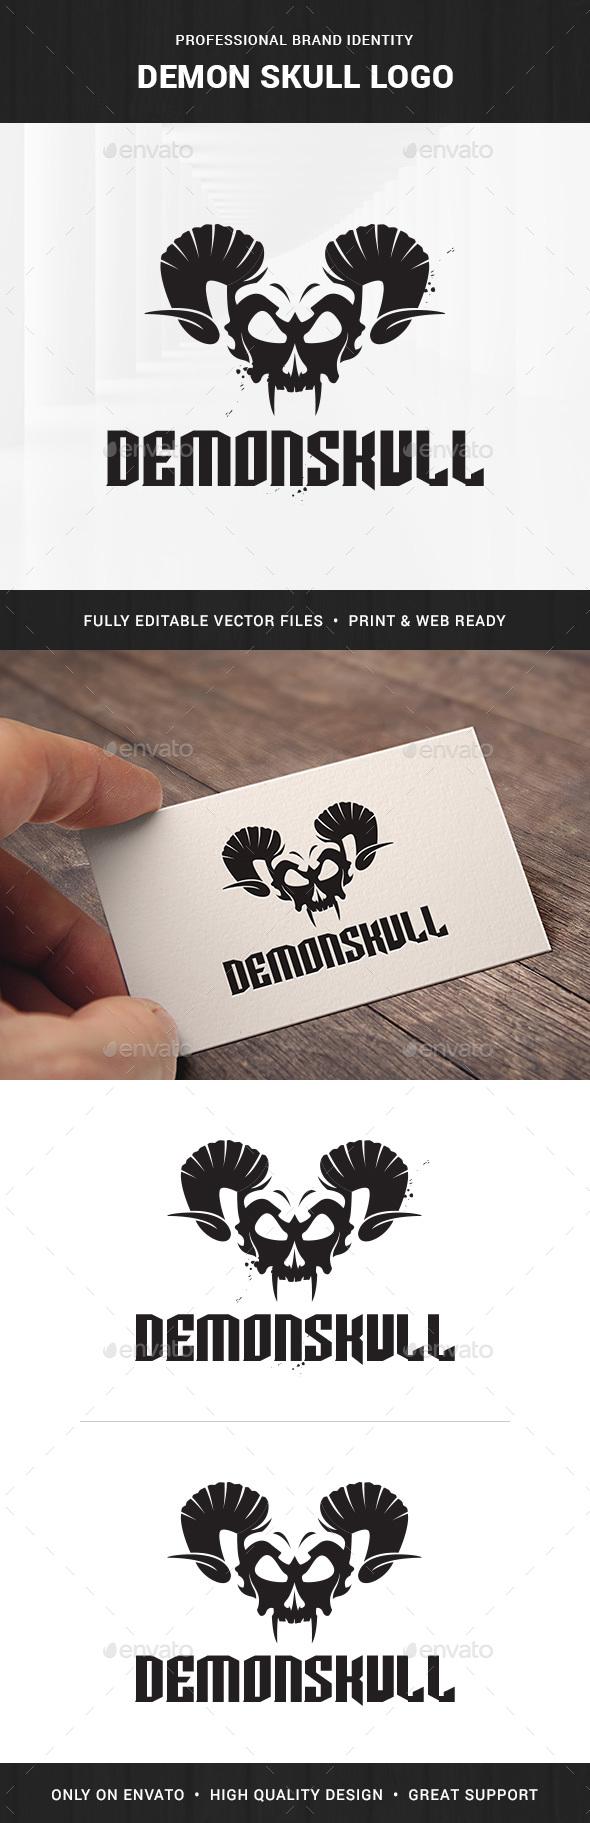 Demon Skull Logo Template